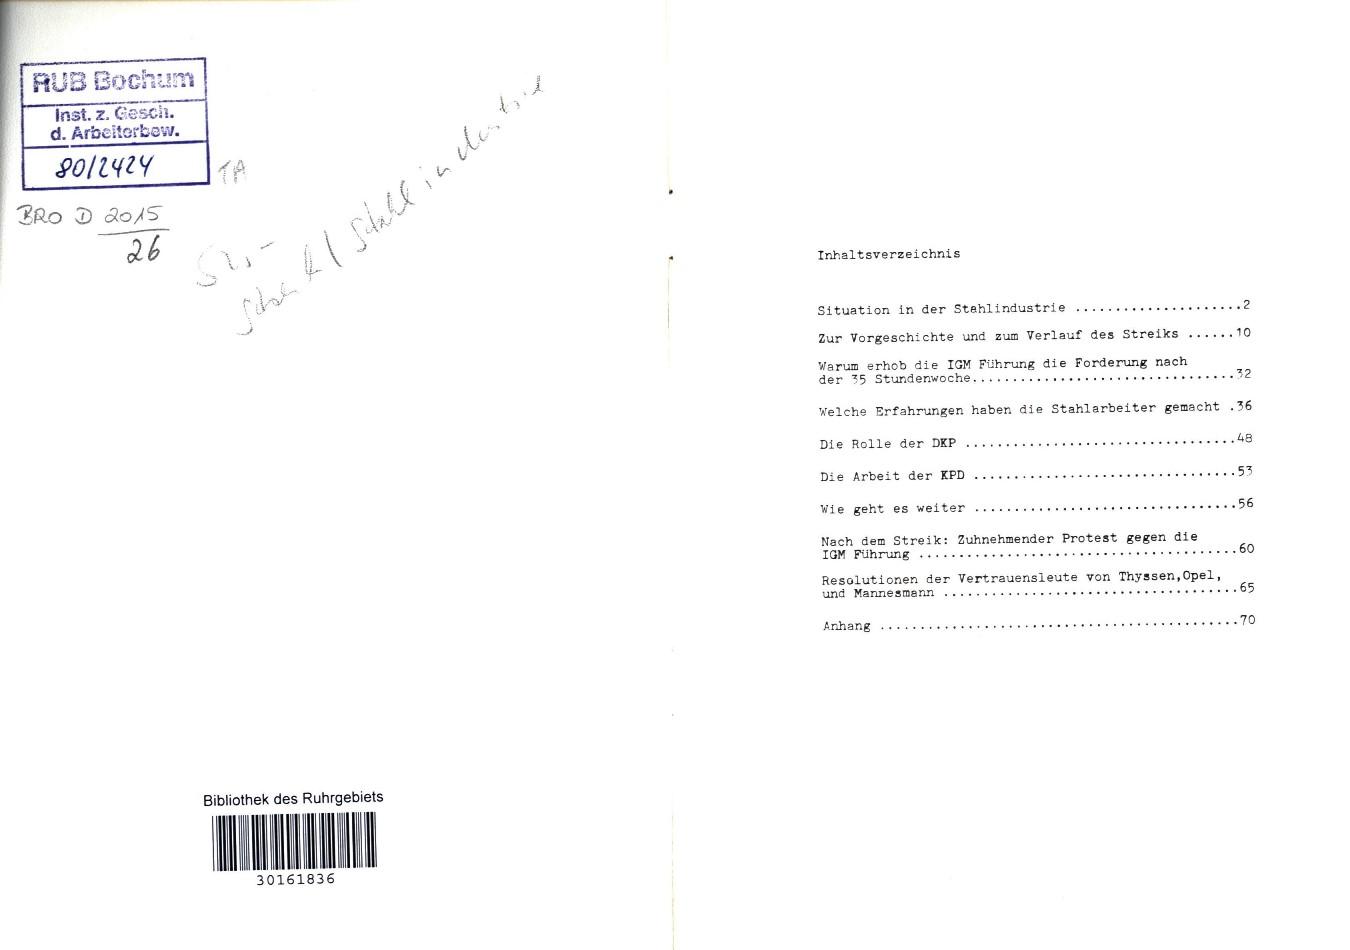 KPDAO_1979_Streik_in_der_Stahlindustrie_02